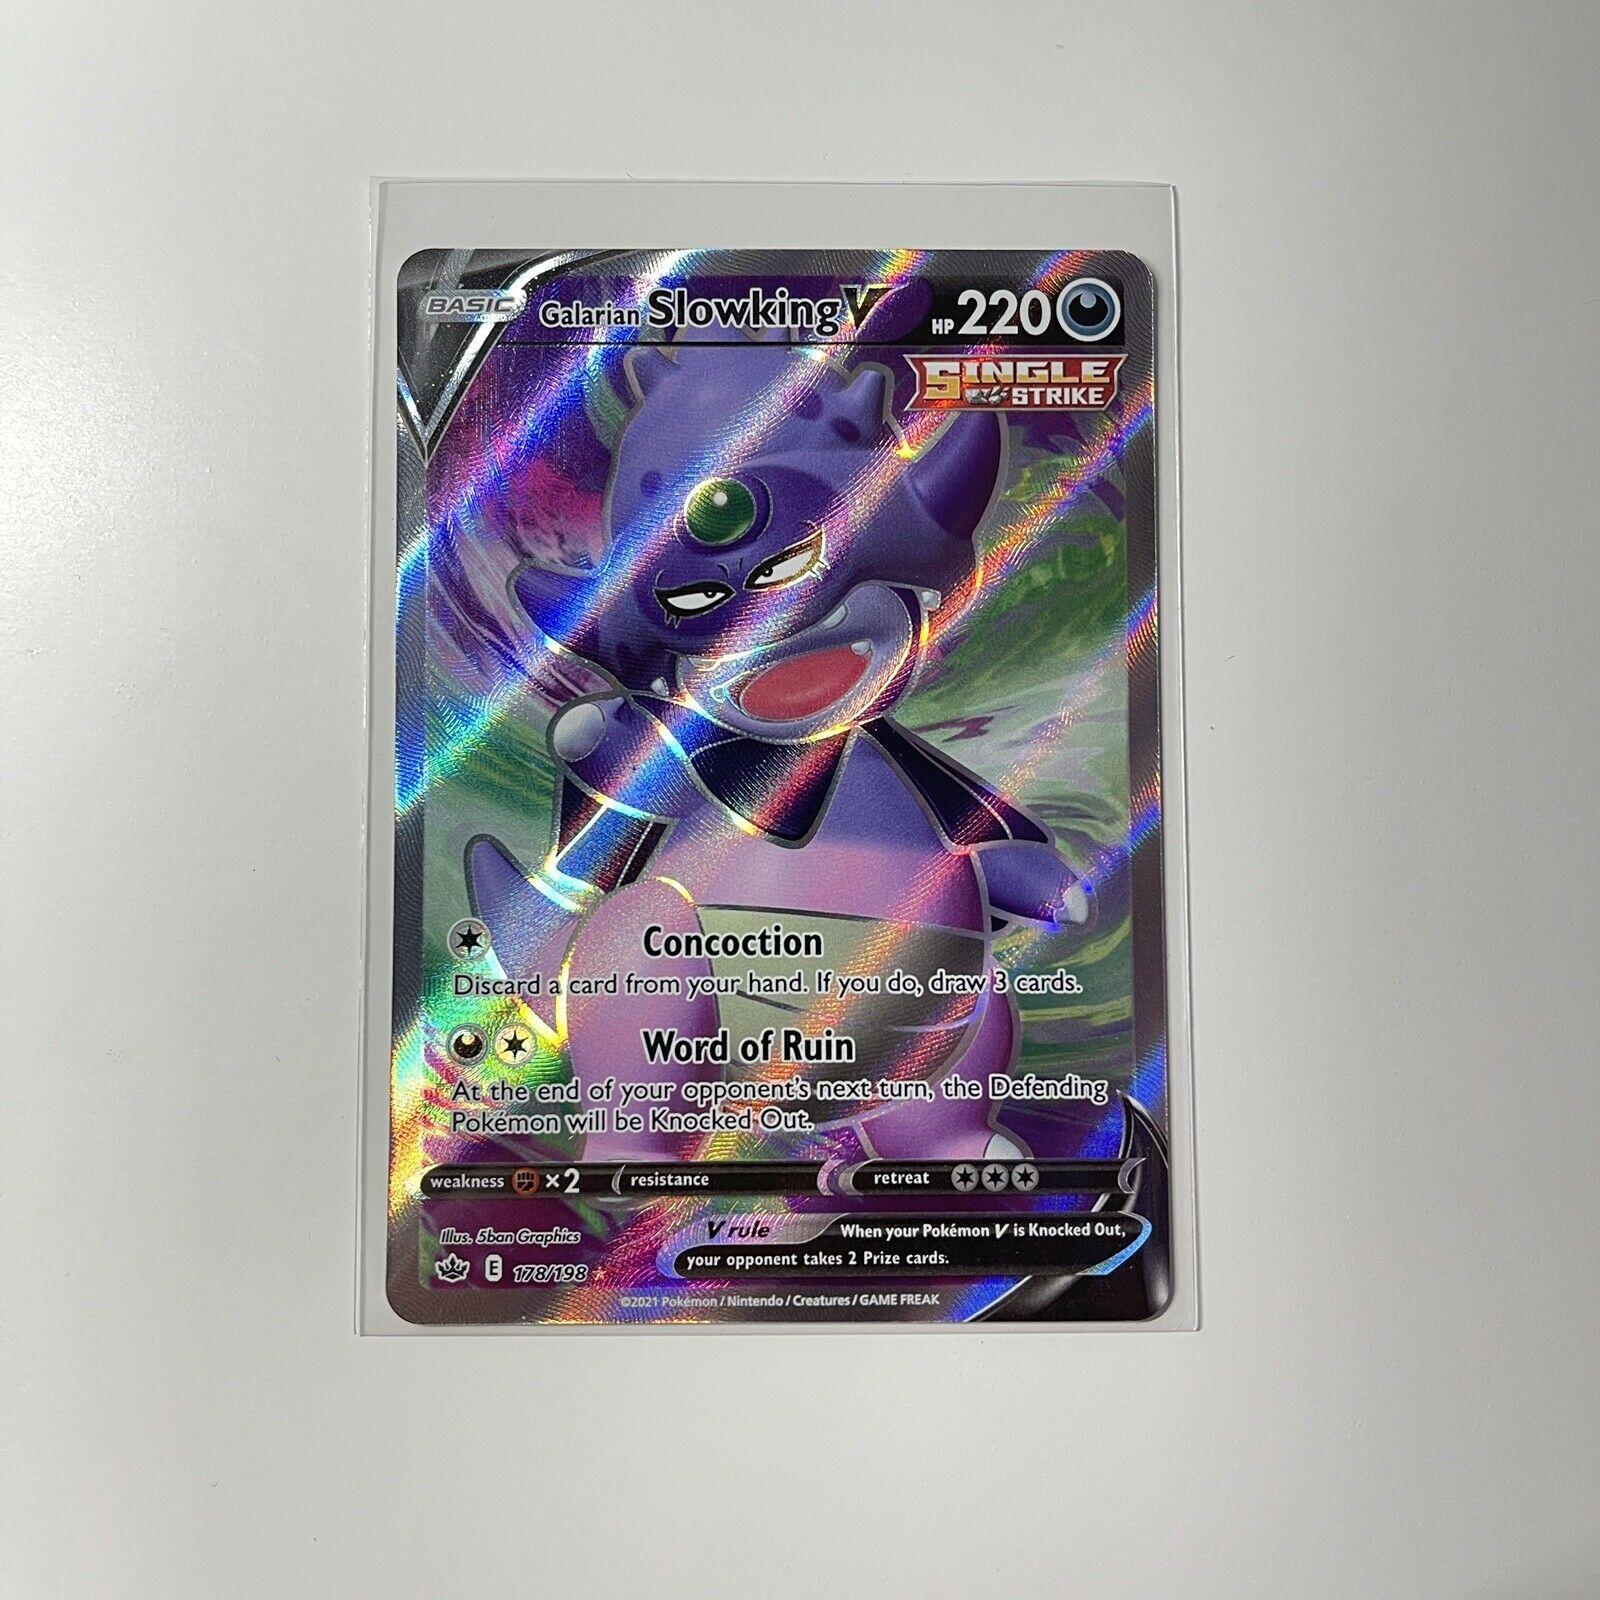 Galarian Slowking V Full Art Chilling Reign Pokemon Card 178/198